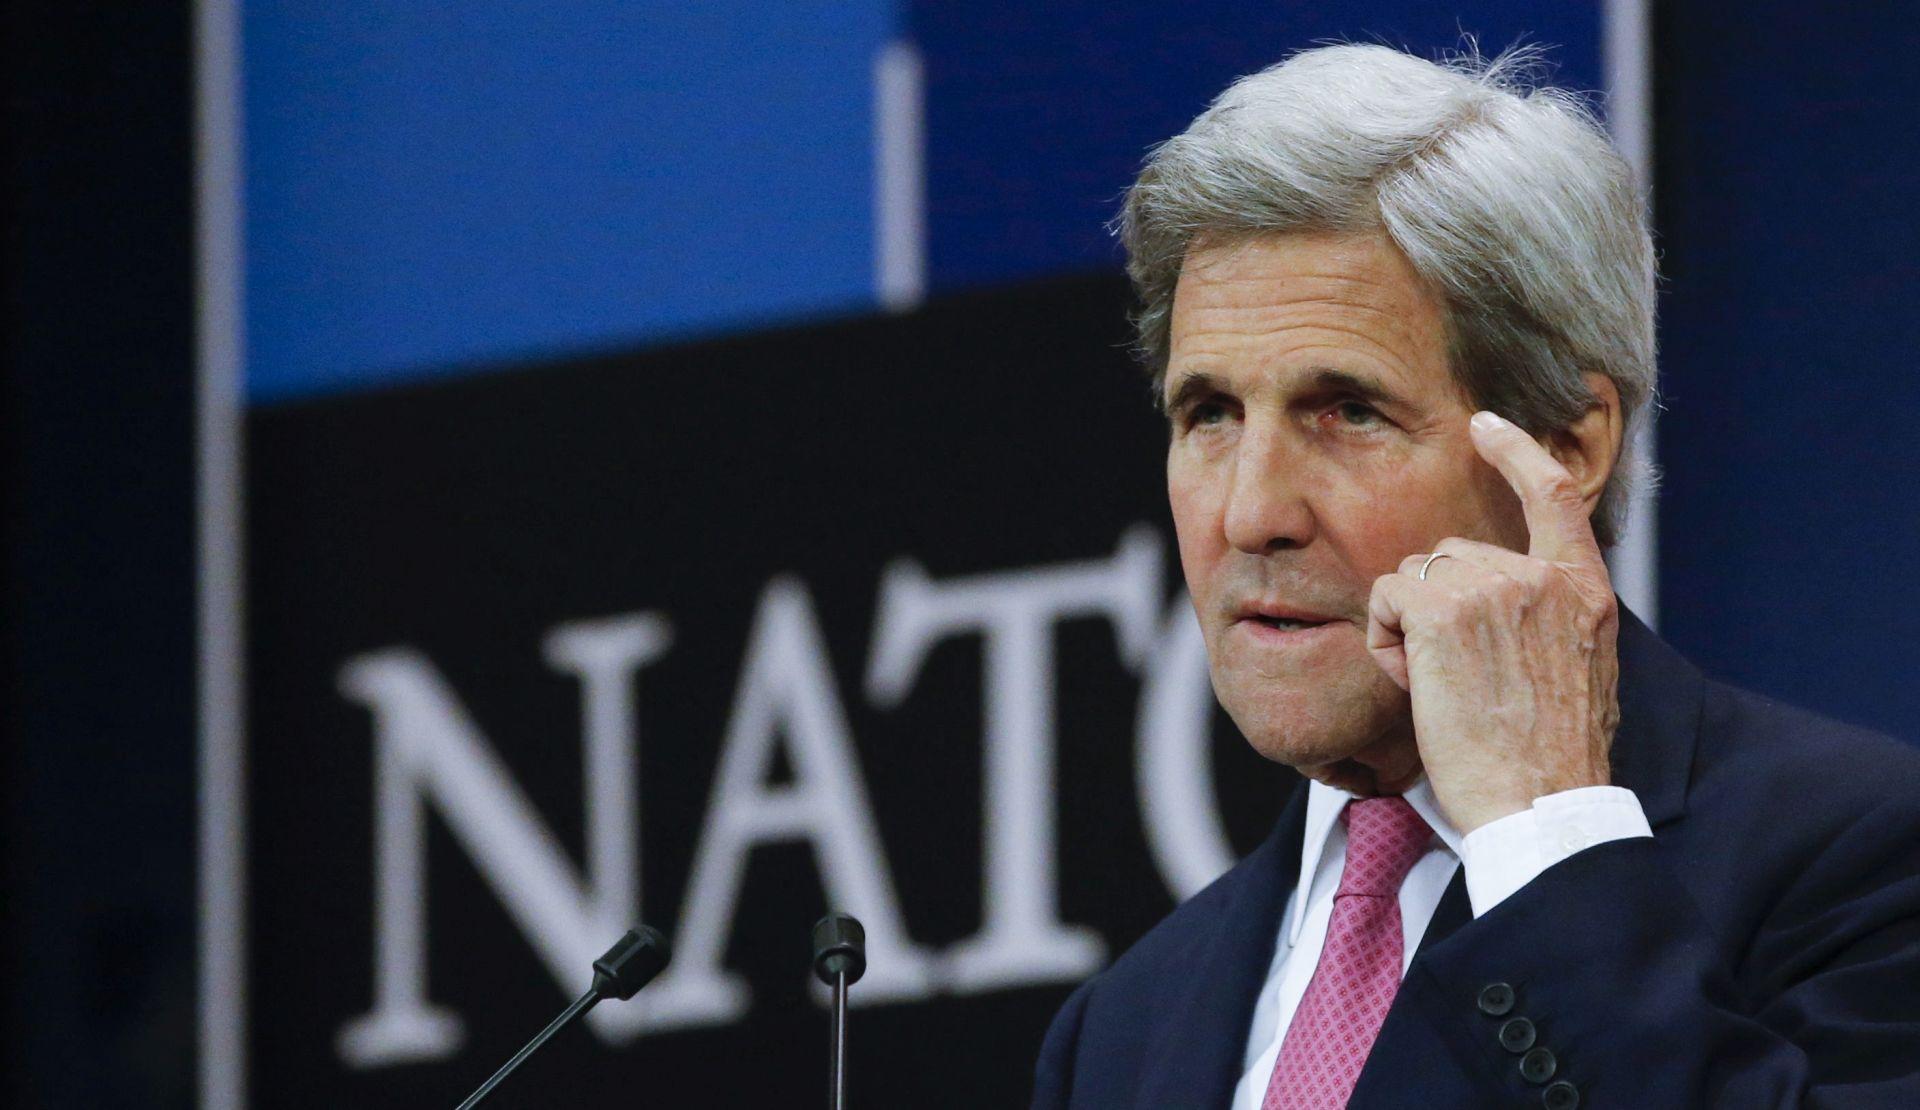 NATO spreman pomoći u borbi protiv krijumčara ljudima u Sredozemlju